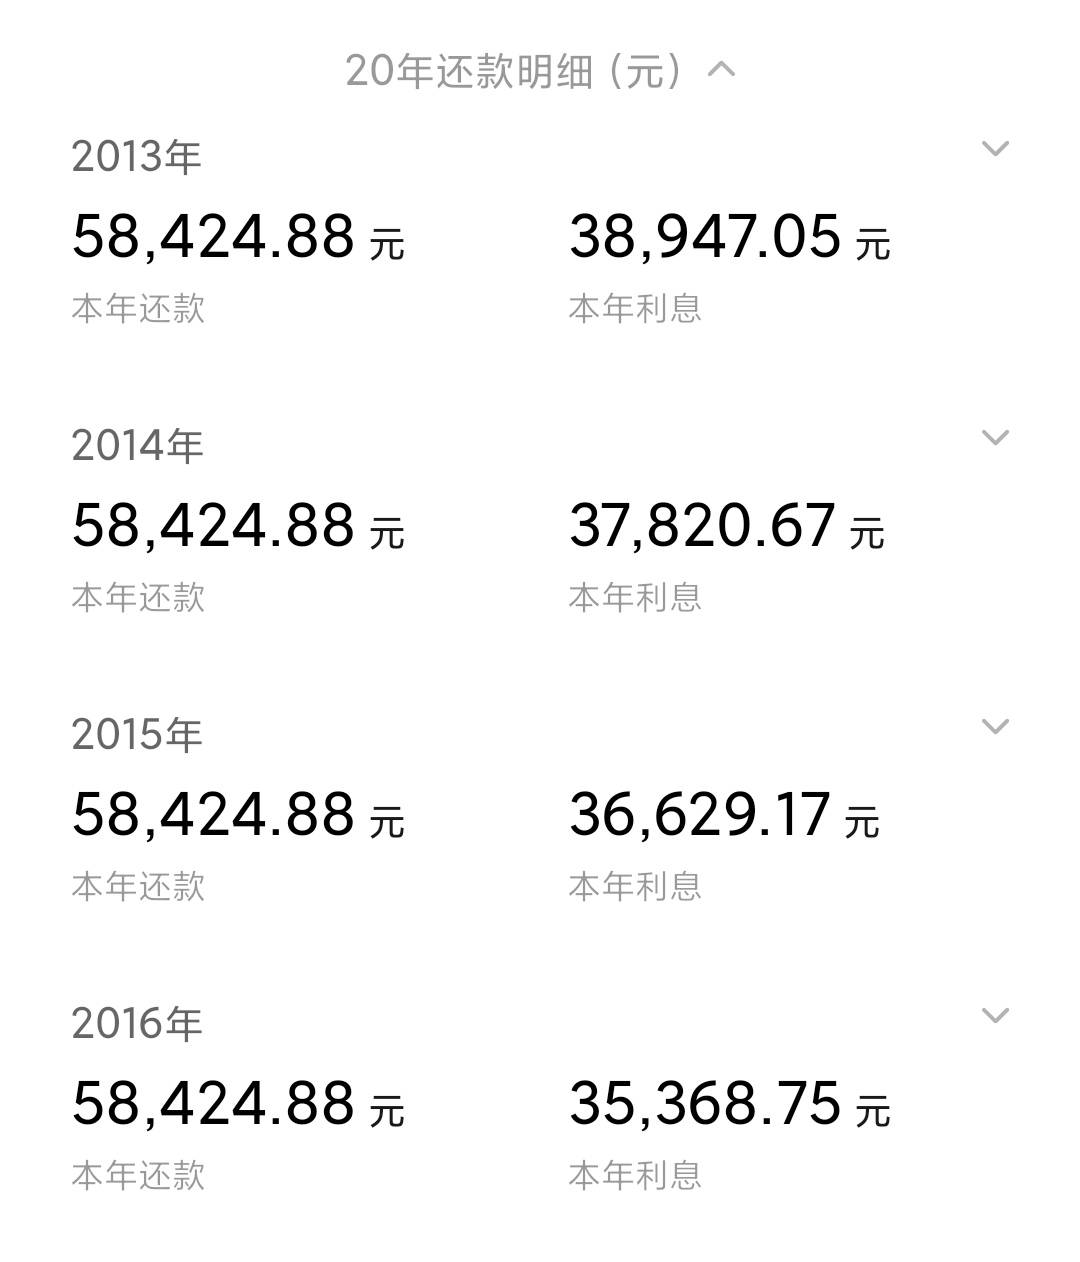 沐鸣招商-首页【1.1.1】